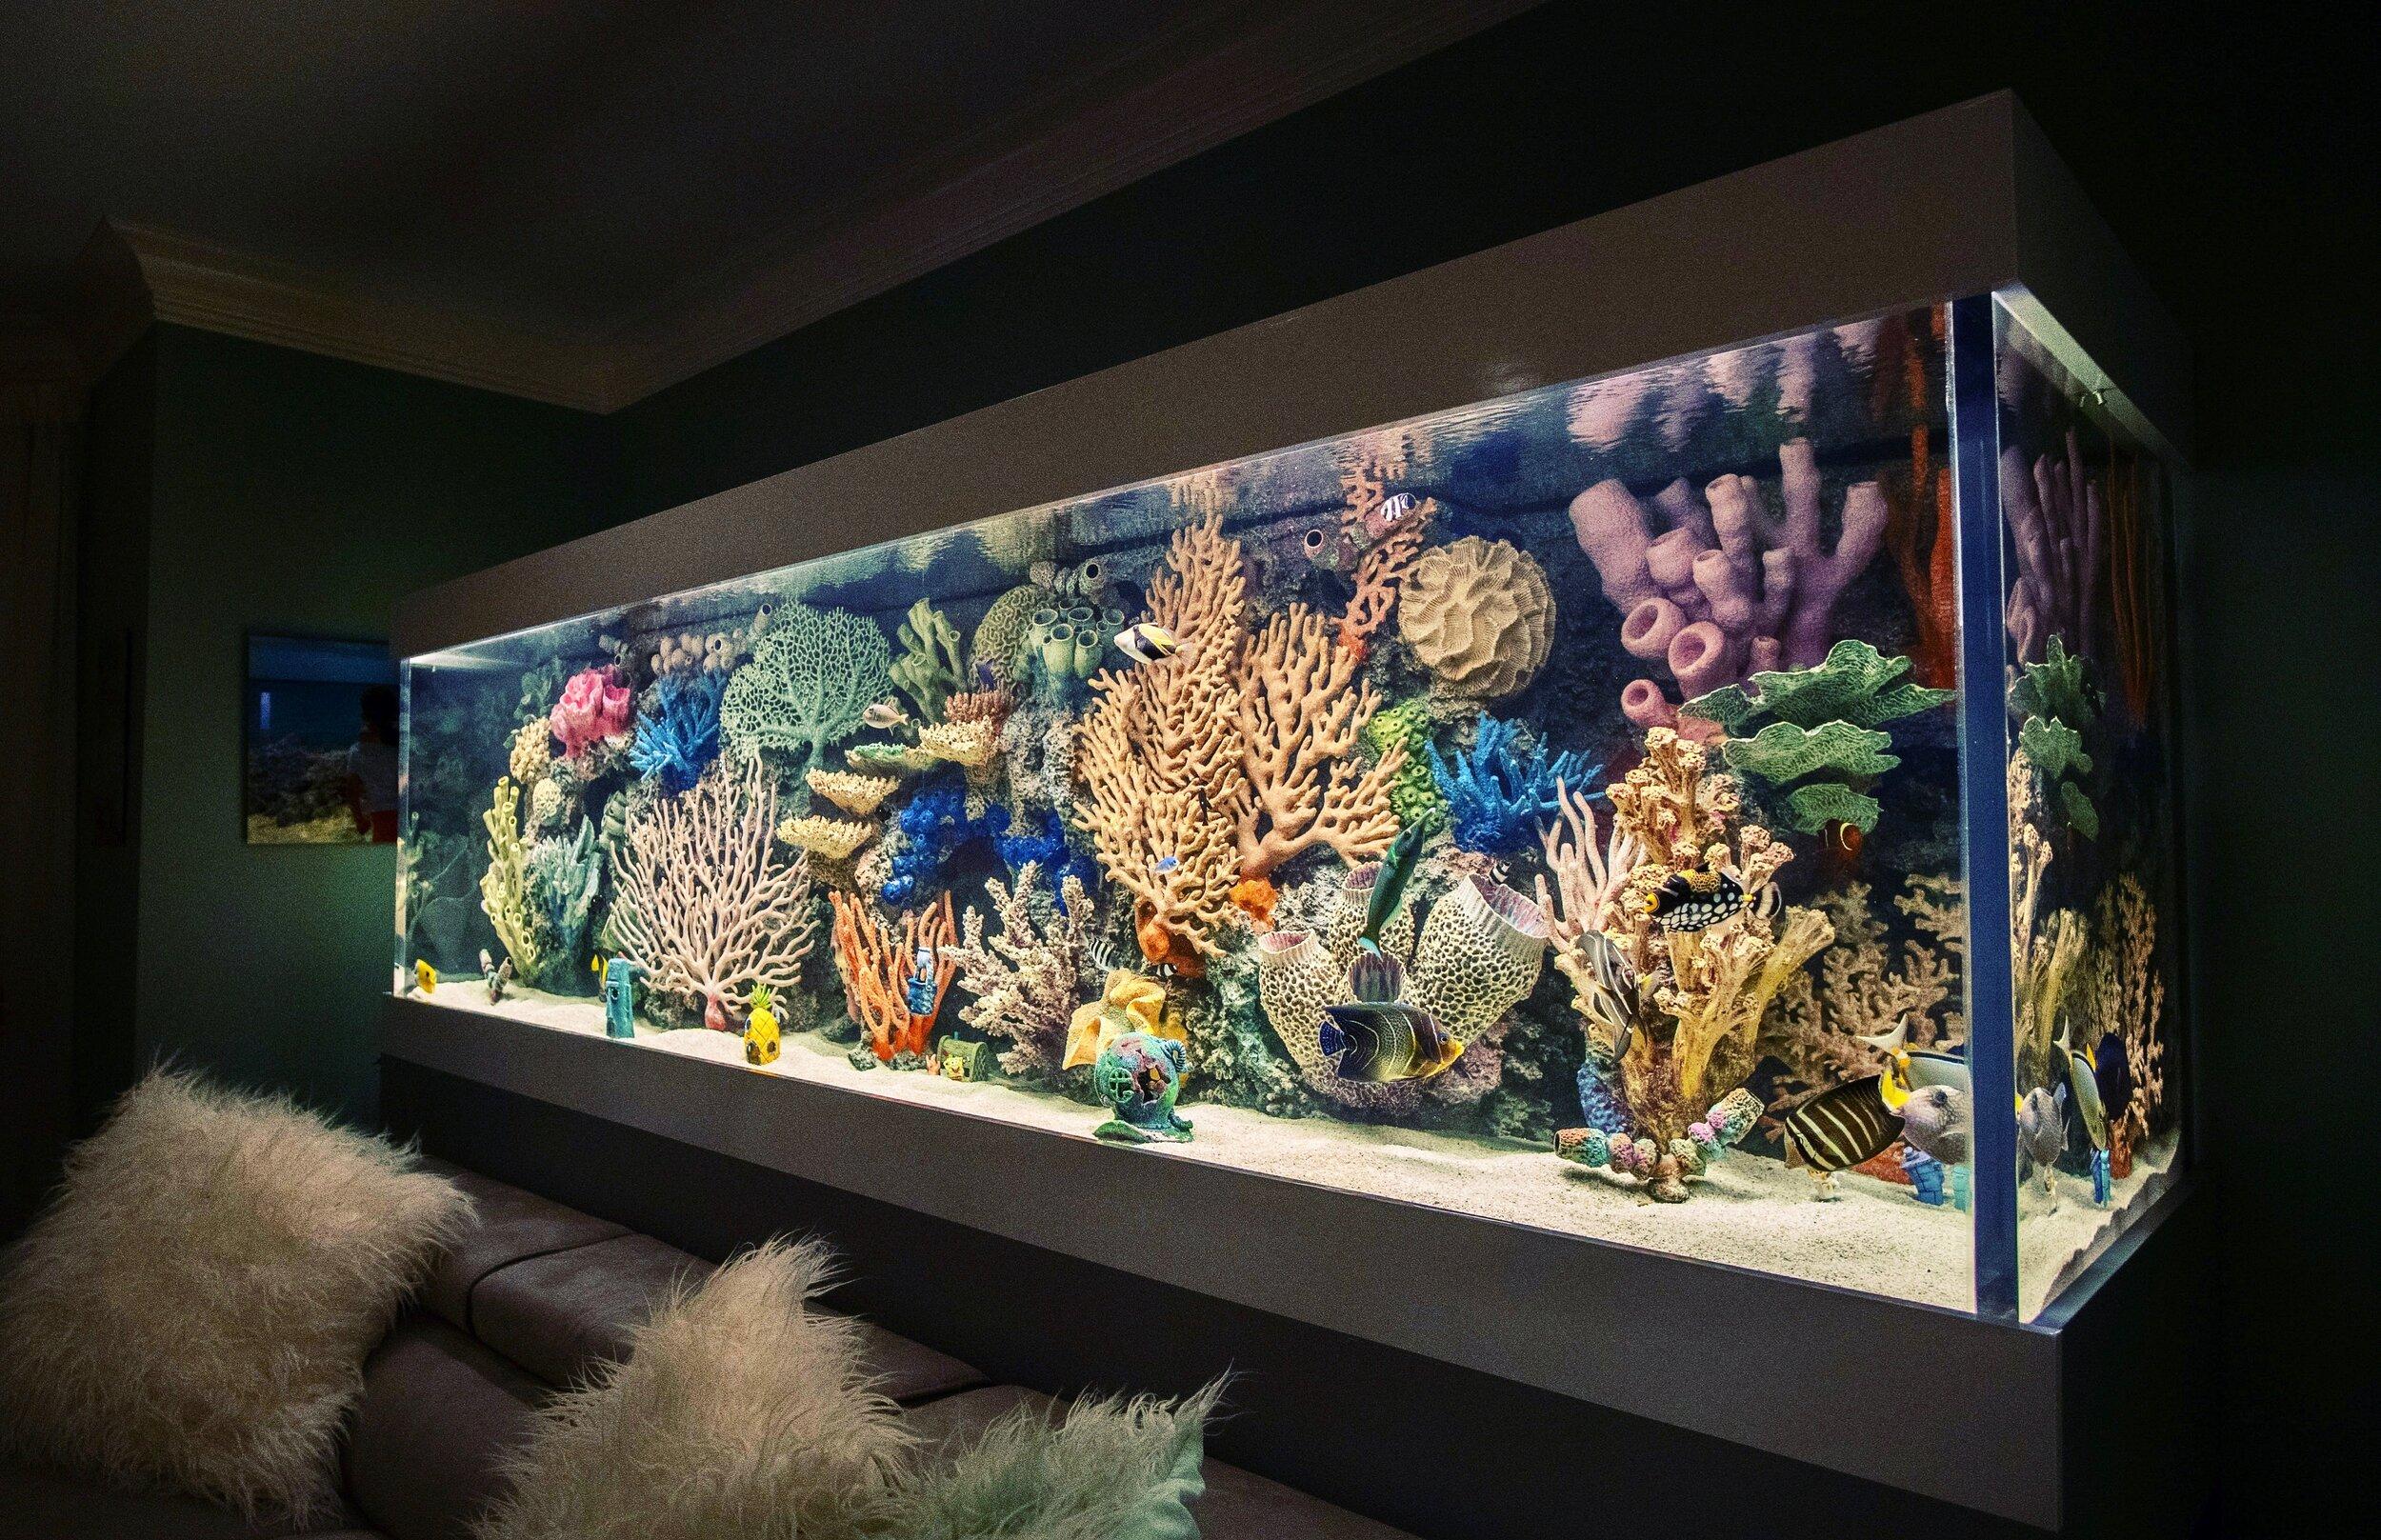 Кораллы в аквариум: особенности